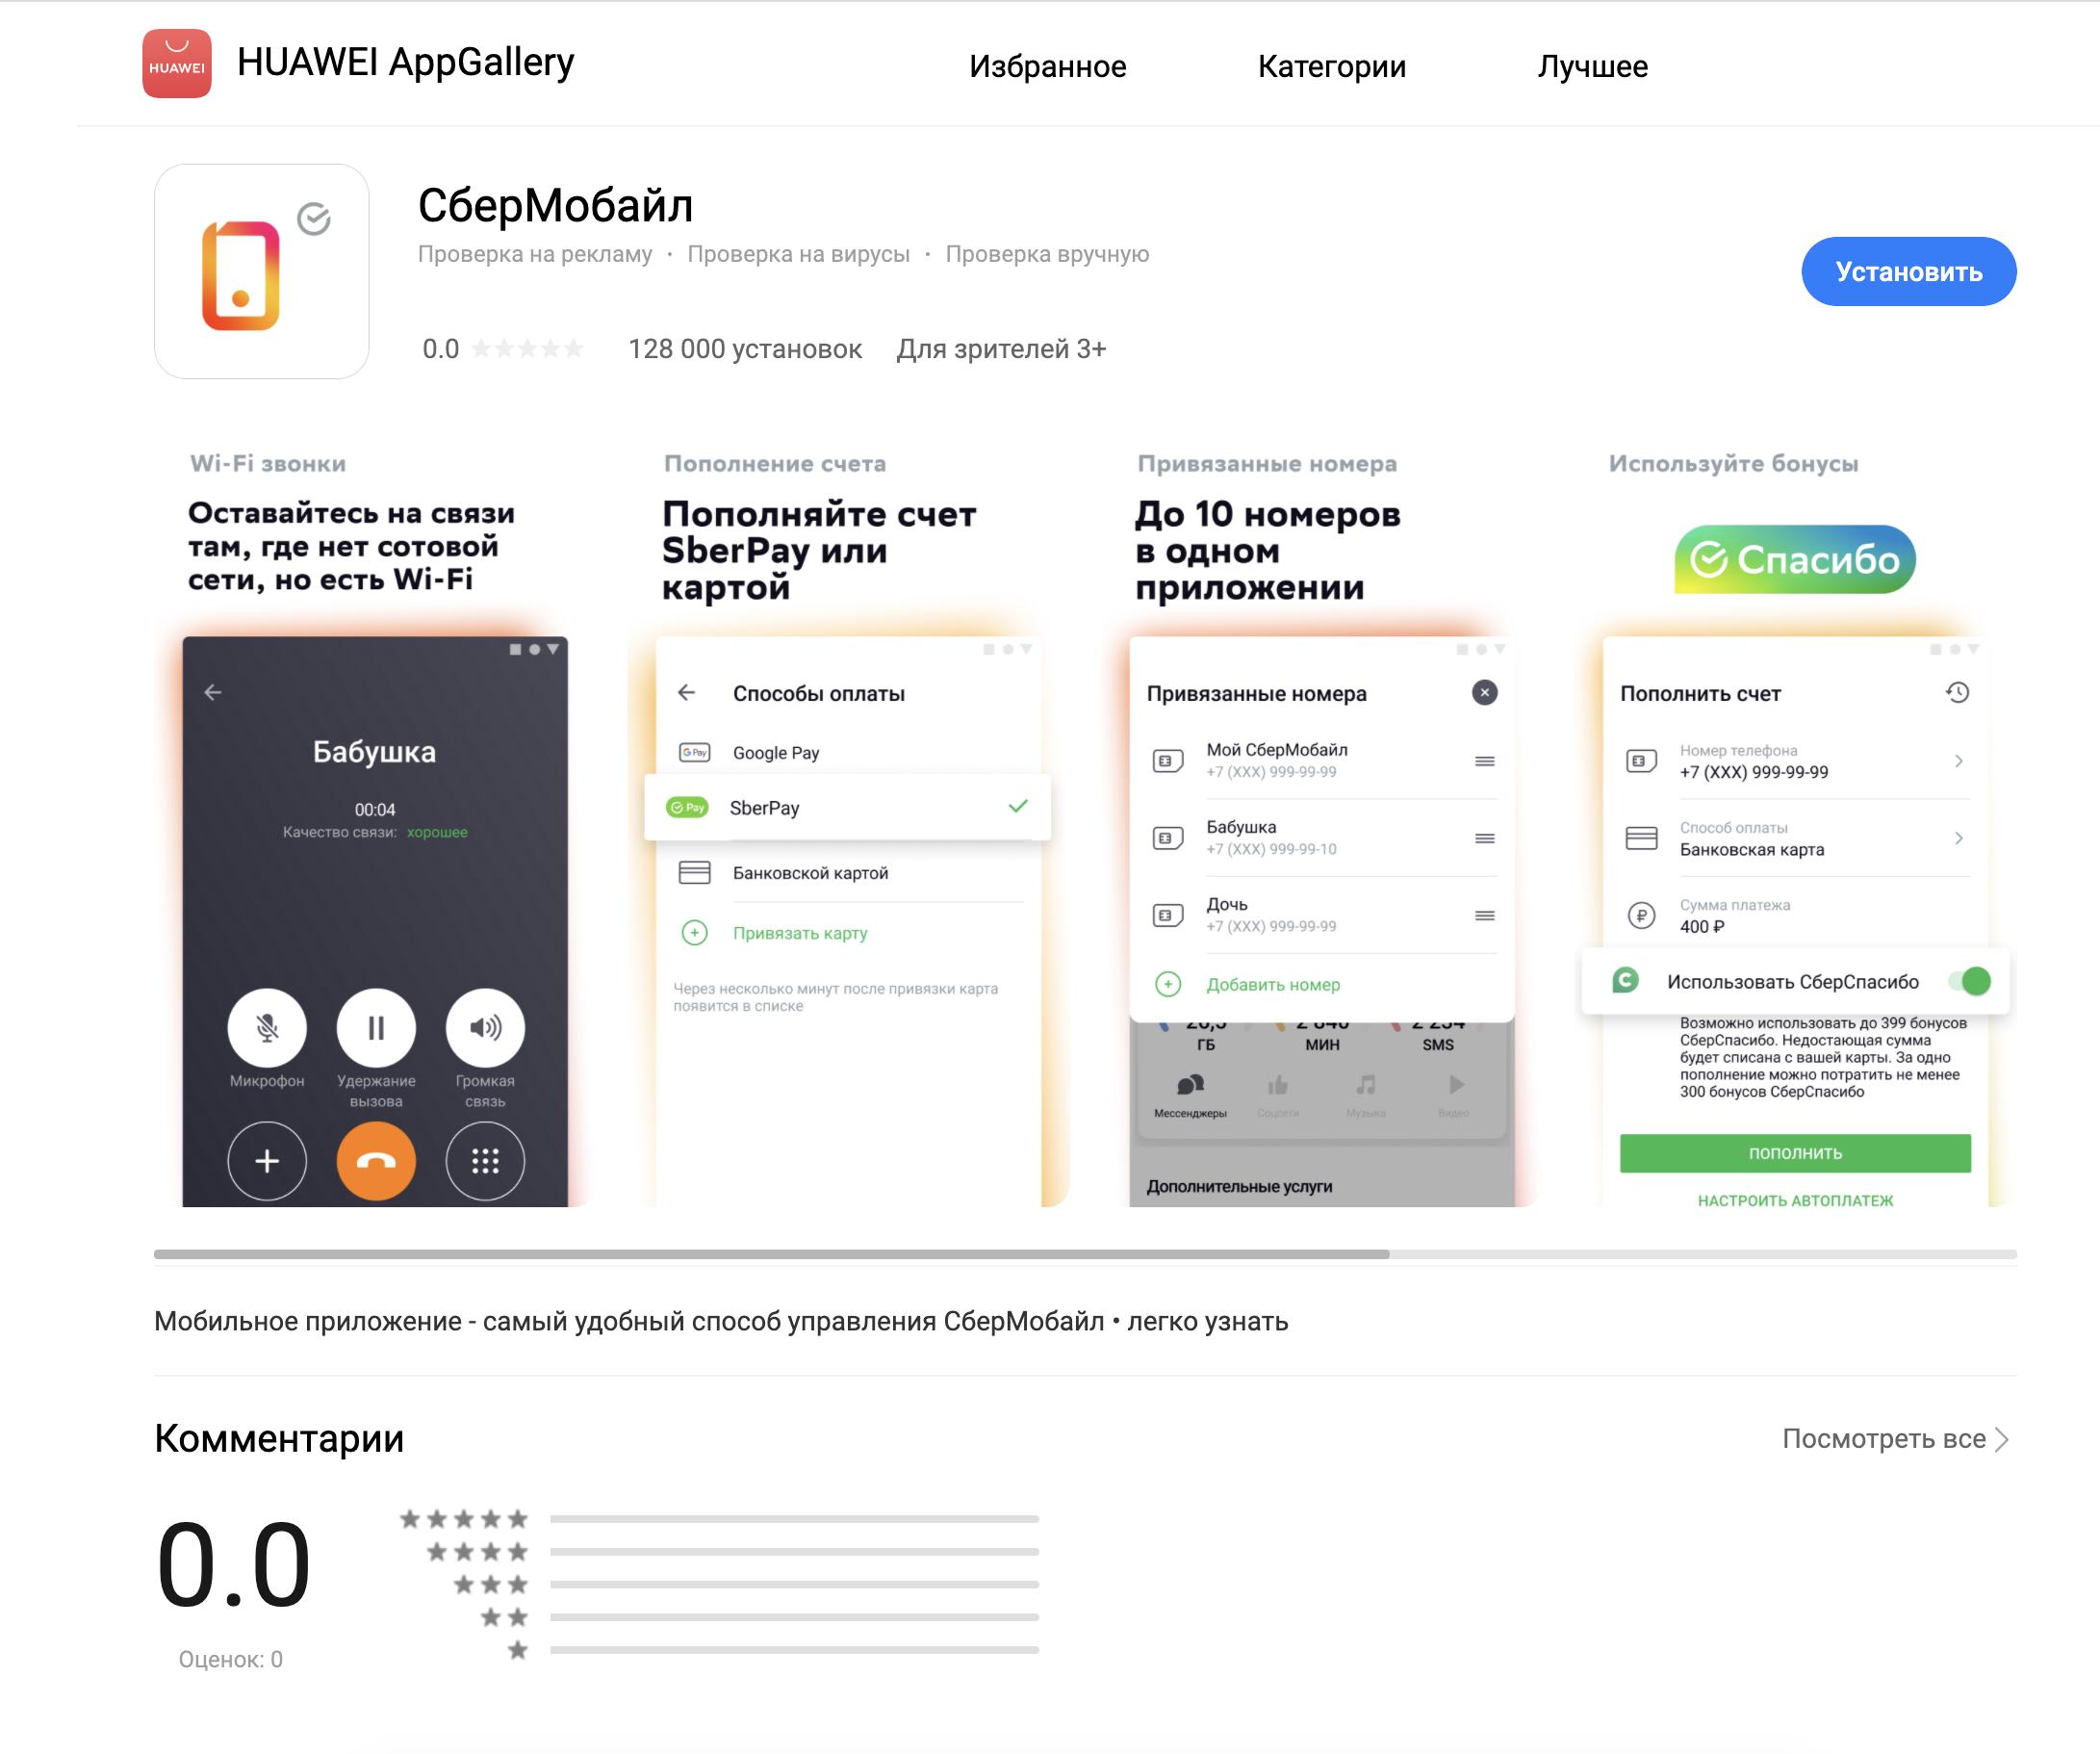 мобильное приложение сбермобайл huawei